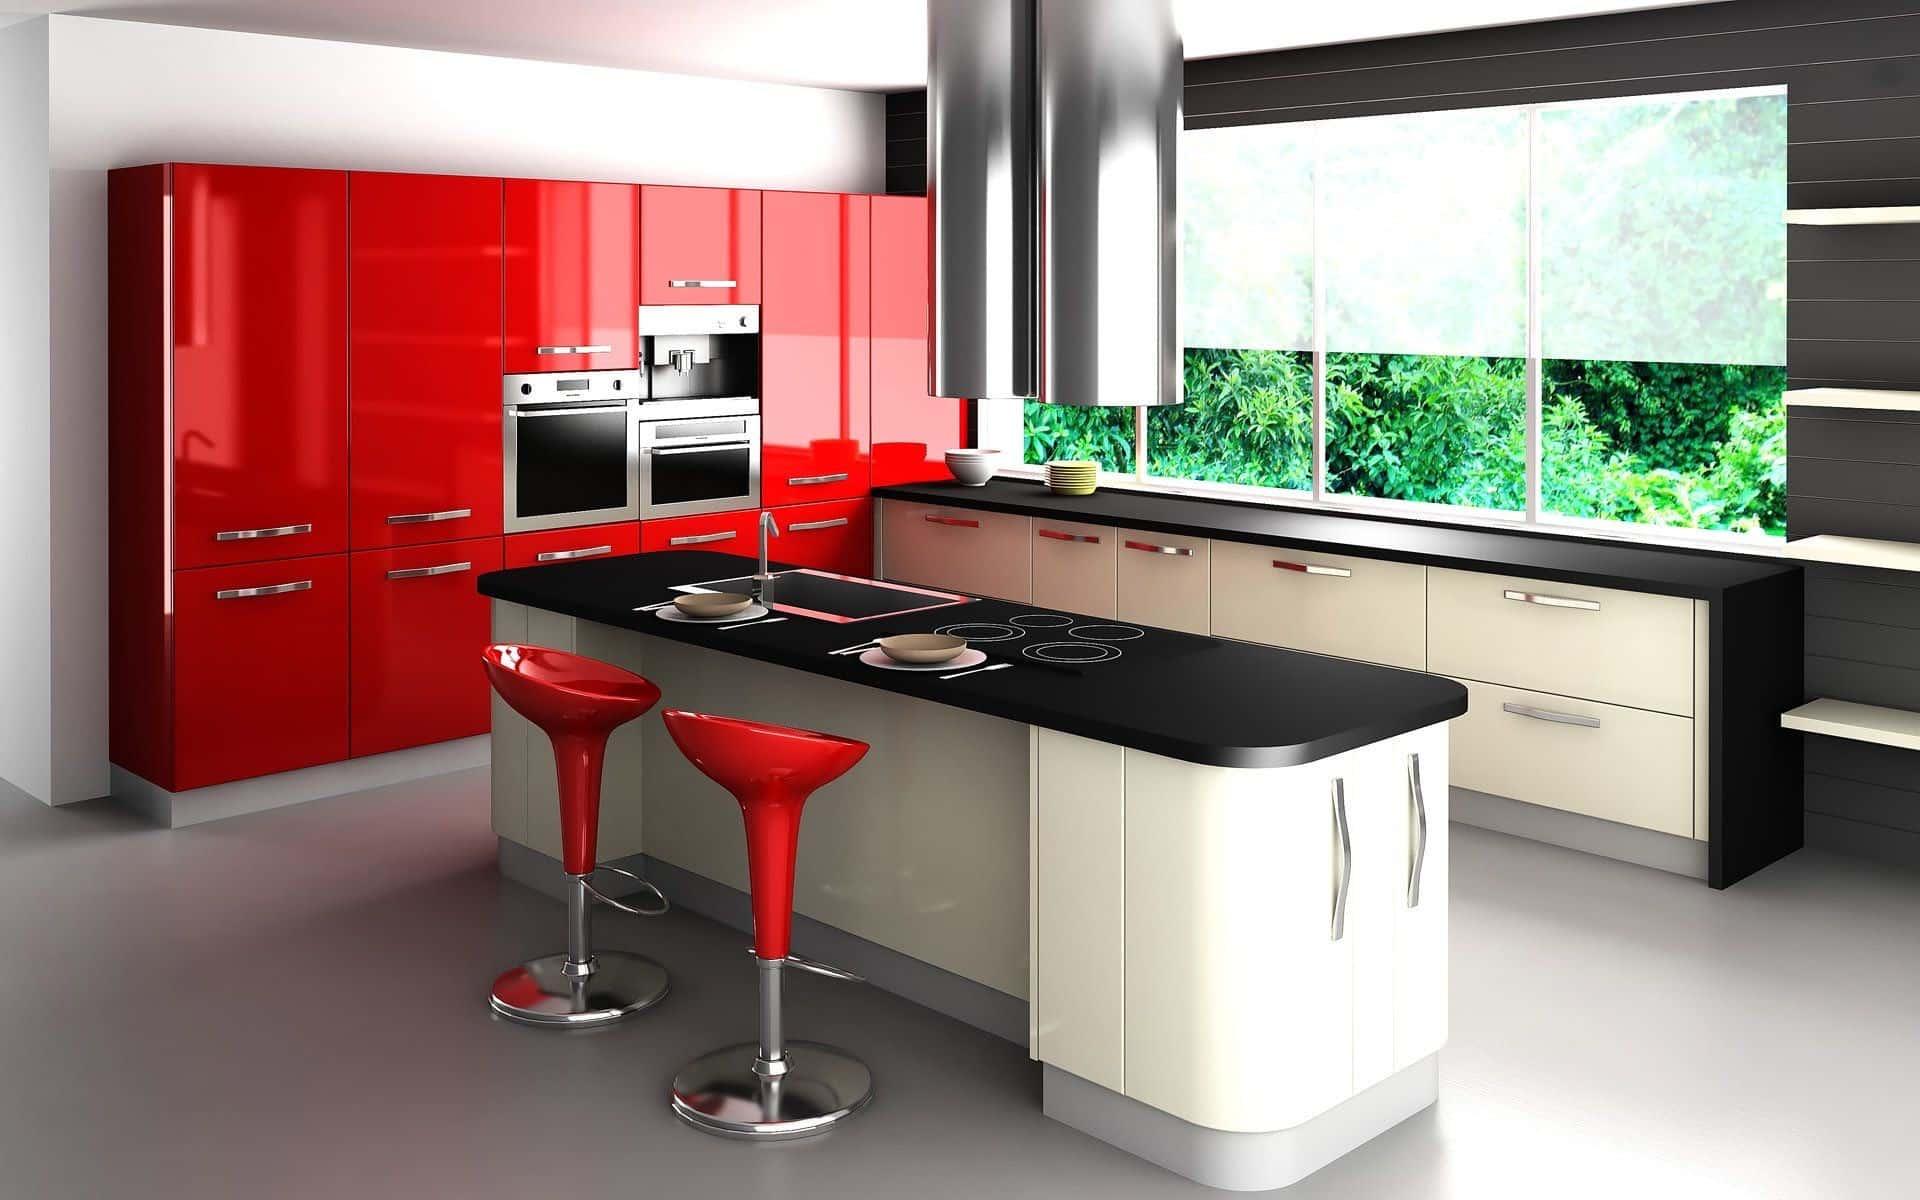 Dapur Merah Dengan Dinding Hitam Putih Thegorbalsla